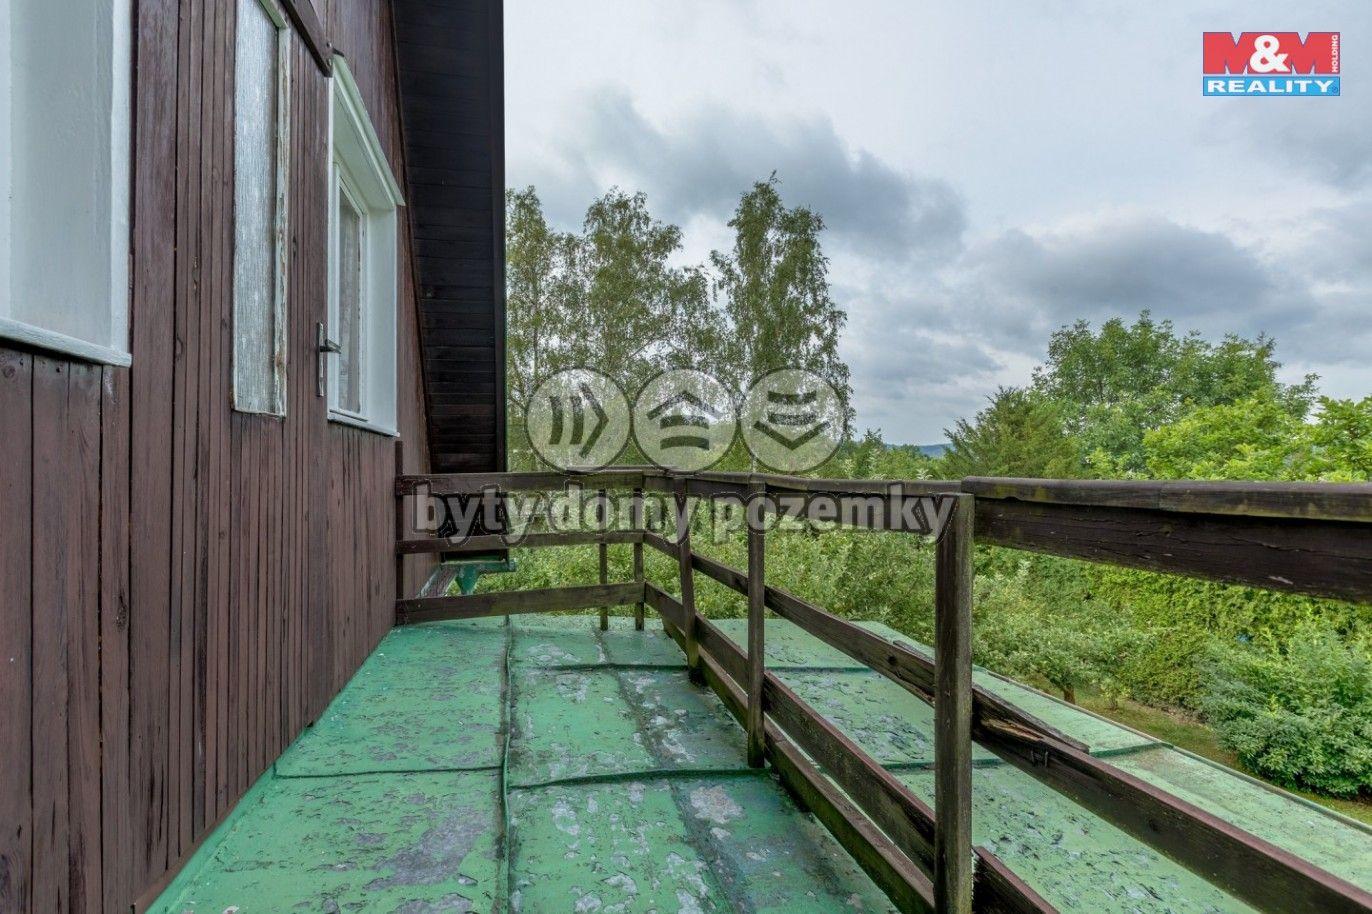 Nejlep hotely a ubytovn blzko destinace Hraditko